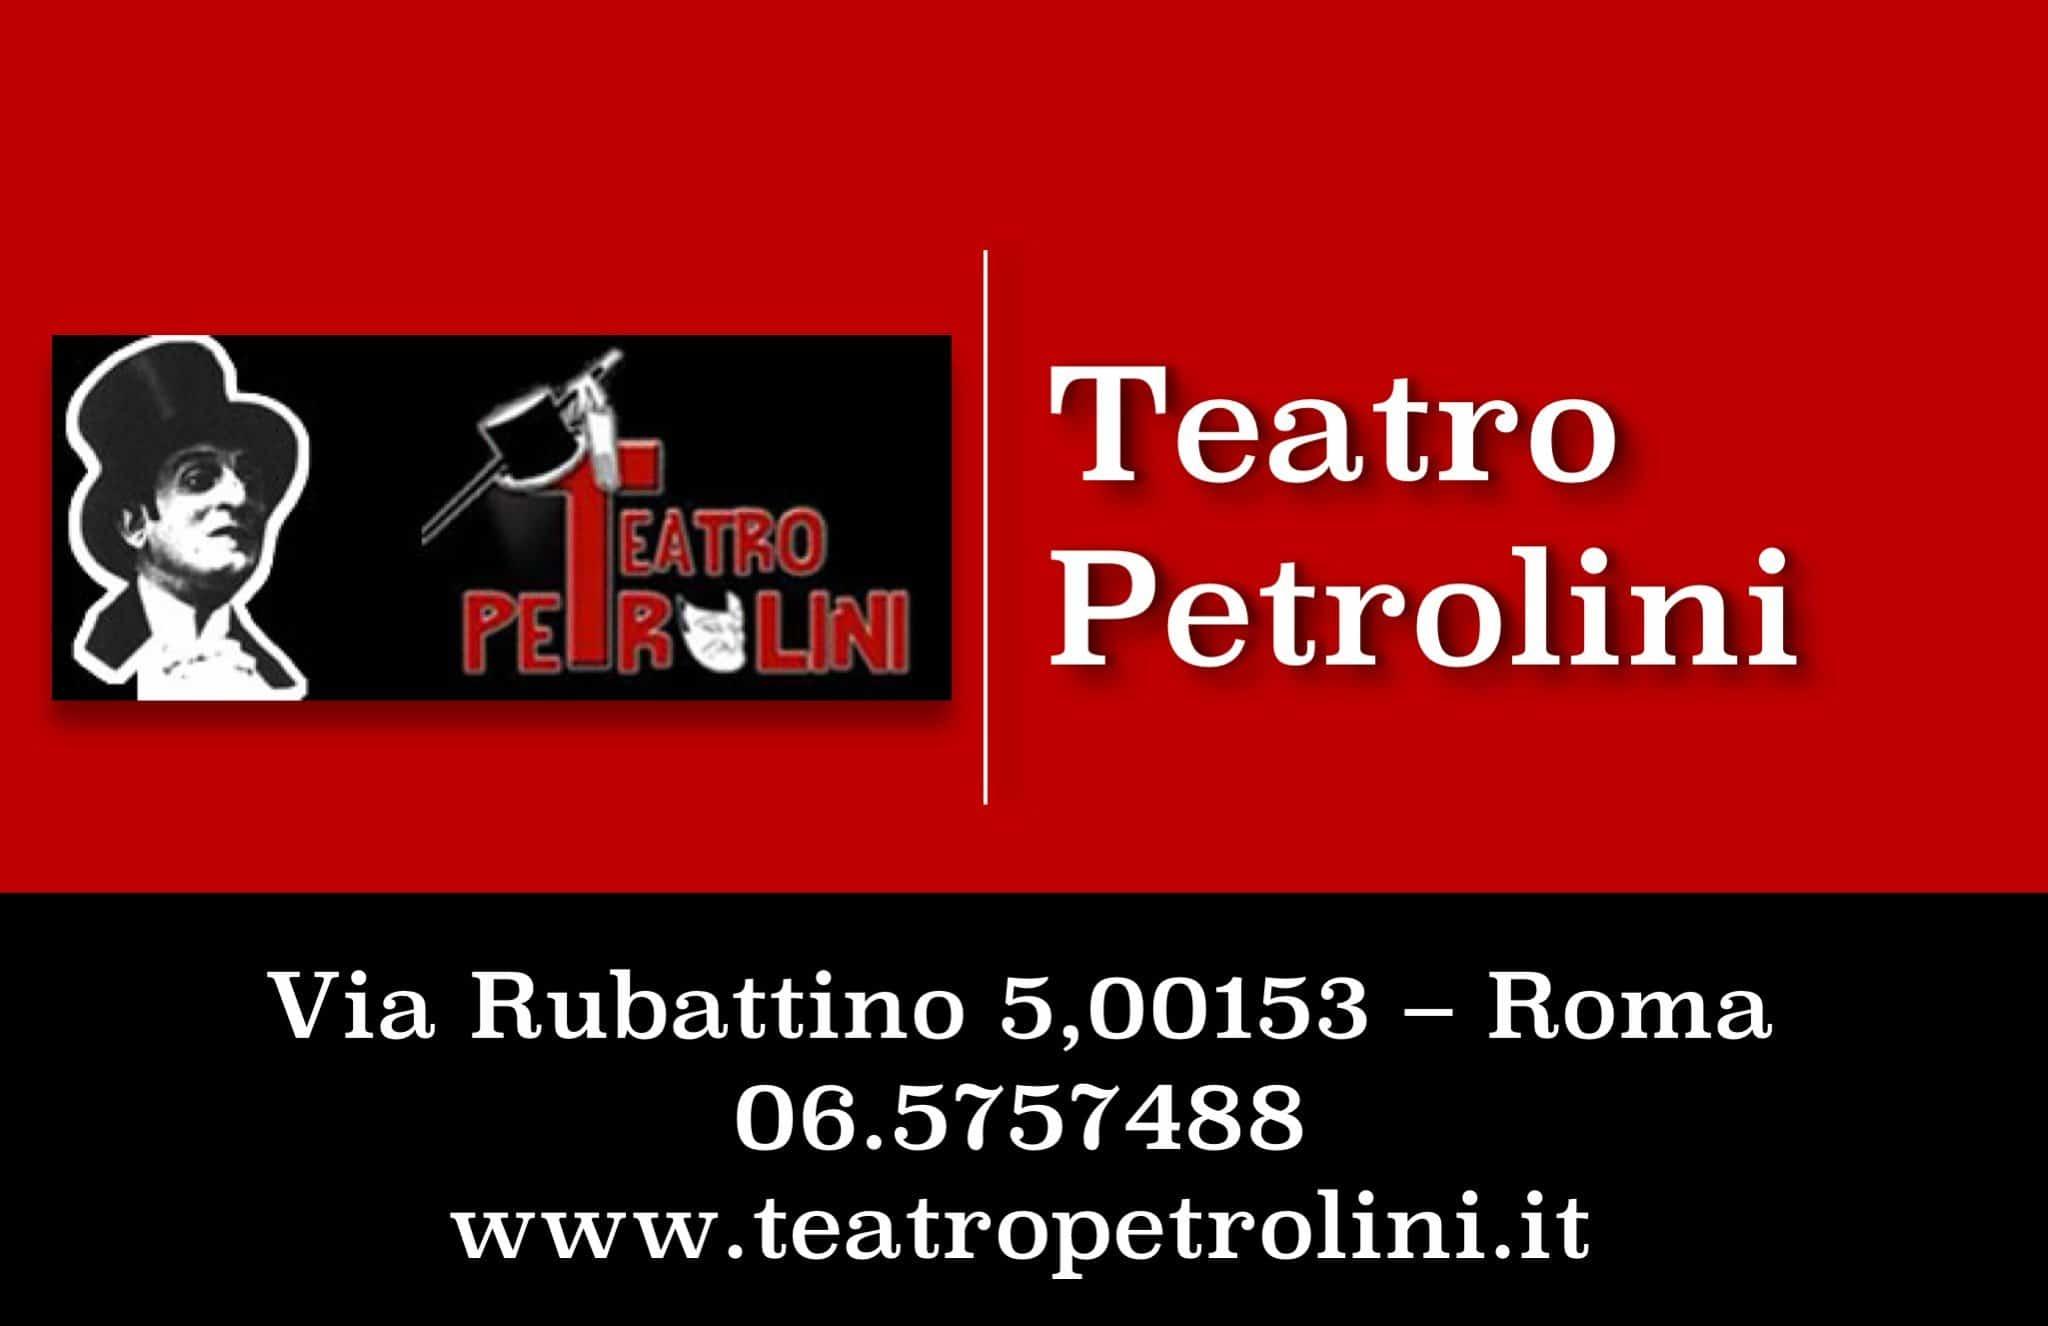 Carta fedeltà del Teatro Petrolini